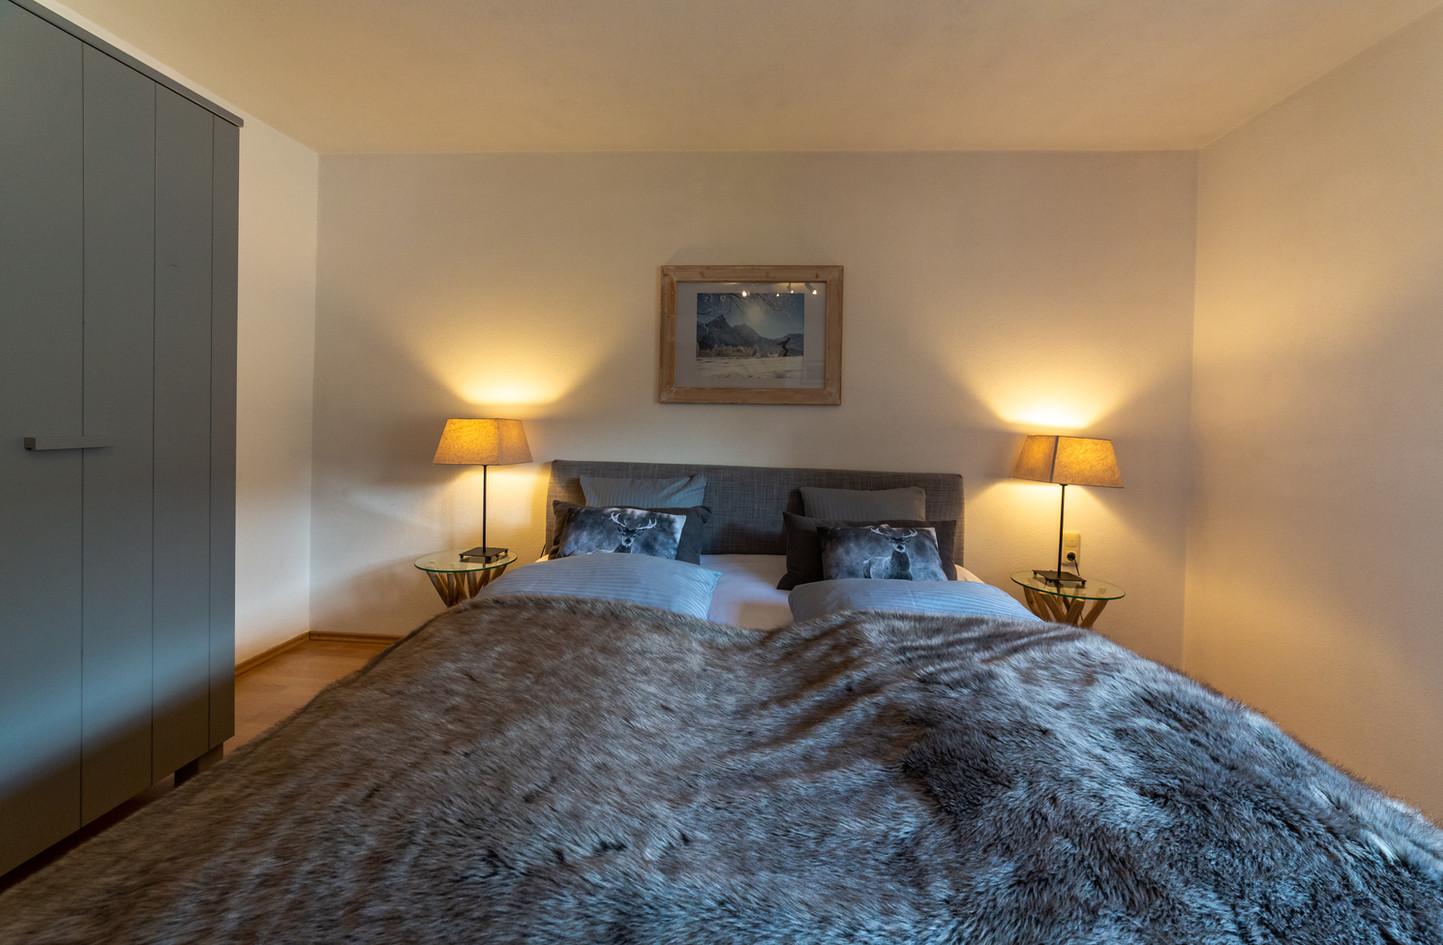 schneehaus kristal site bedroom 2.jpg